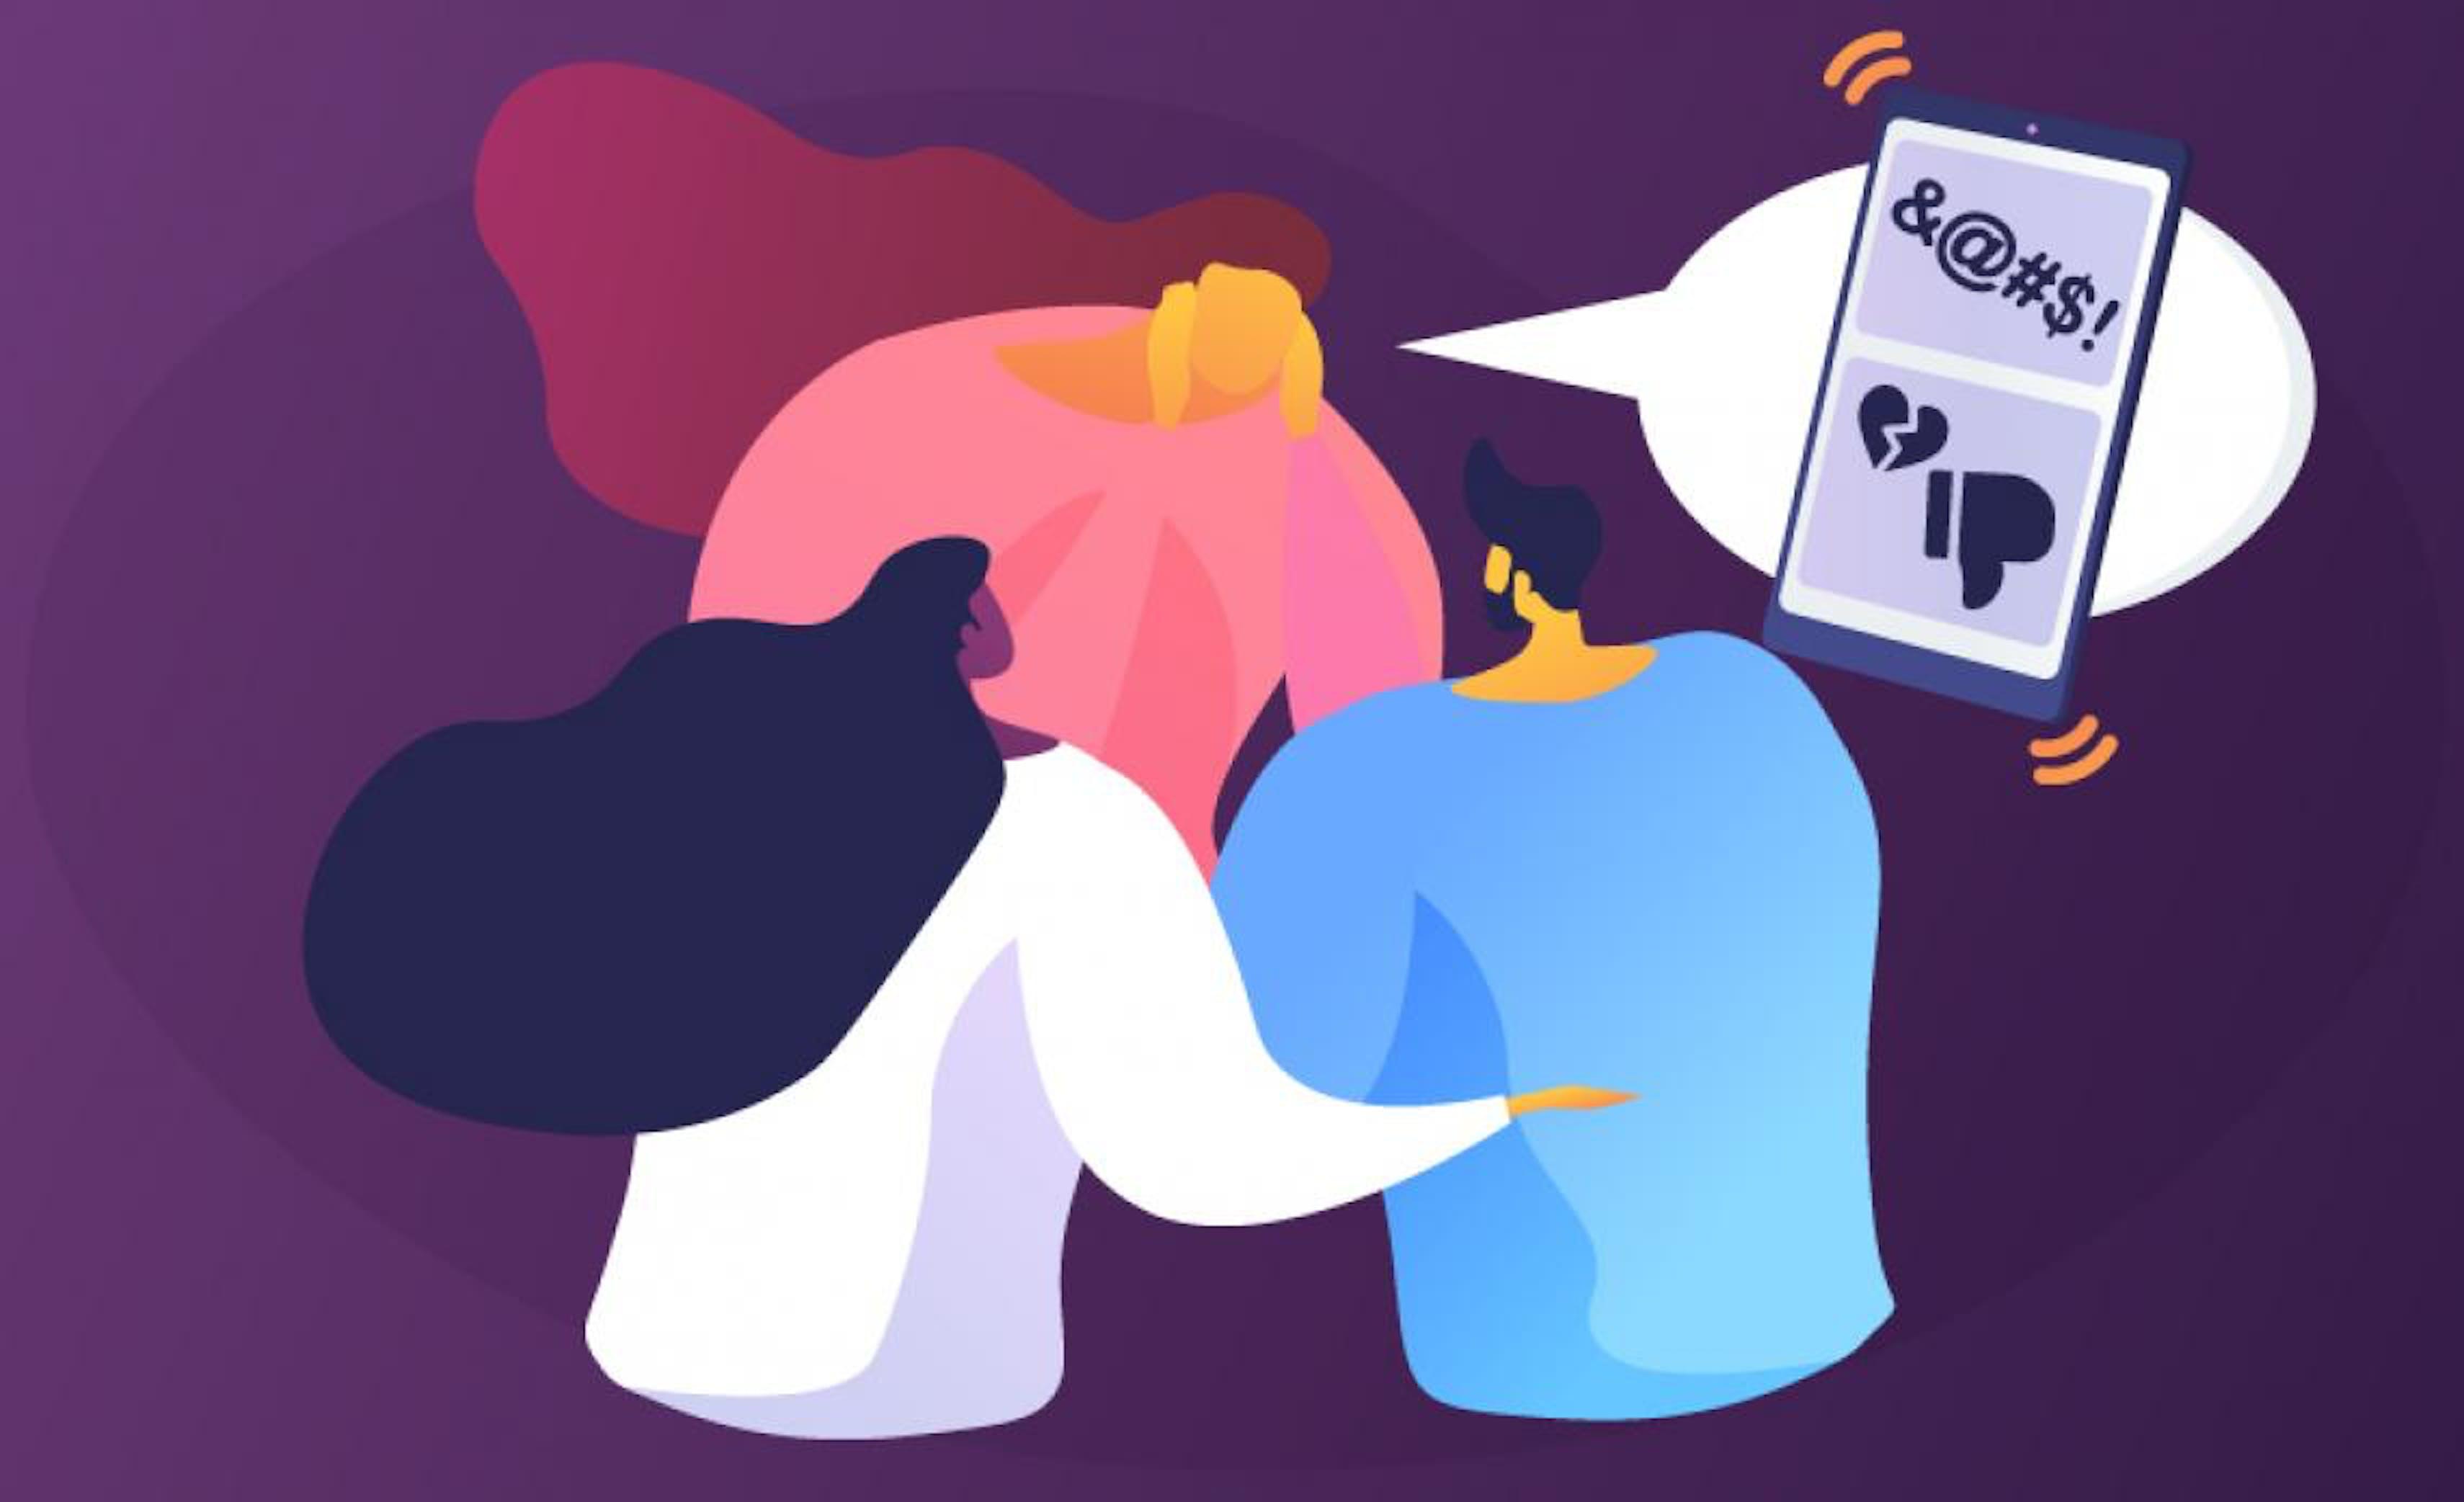 Illustrazione Cyberbullismo, parlarne con i genitori